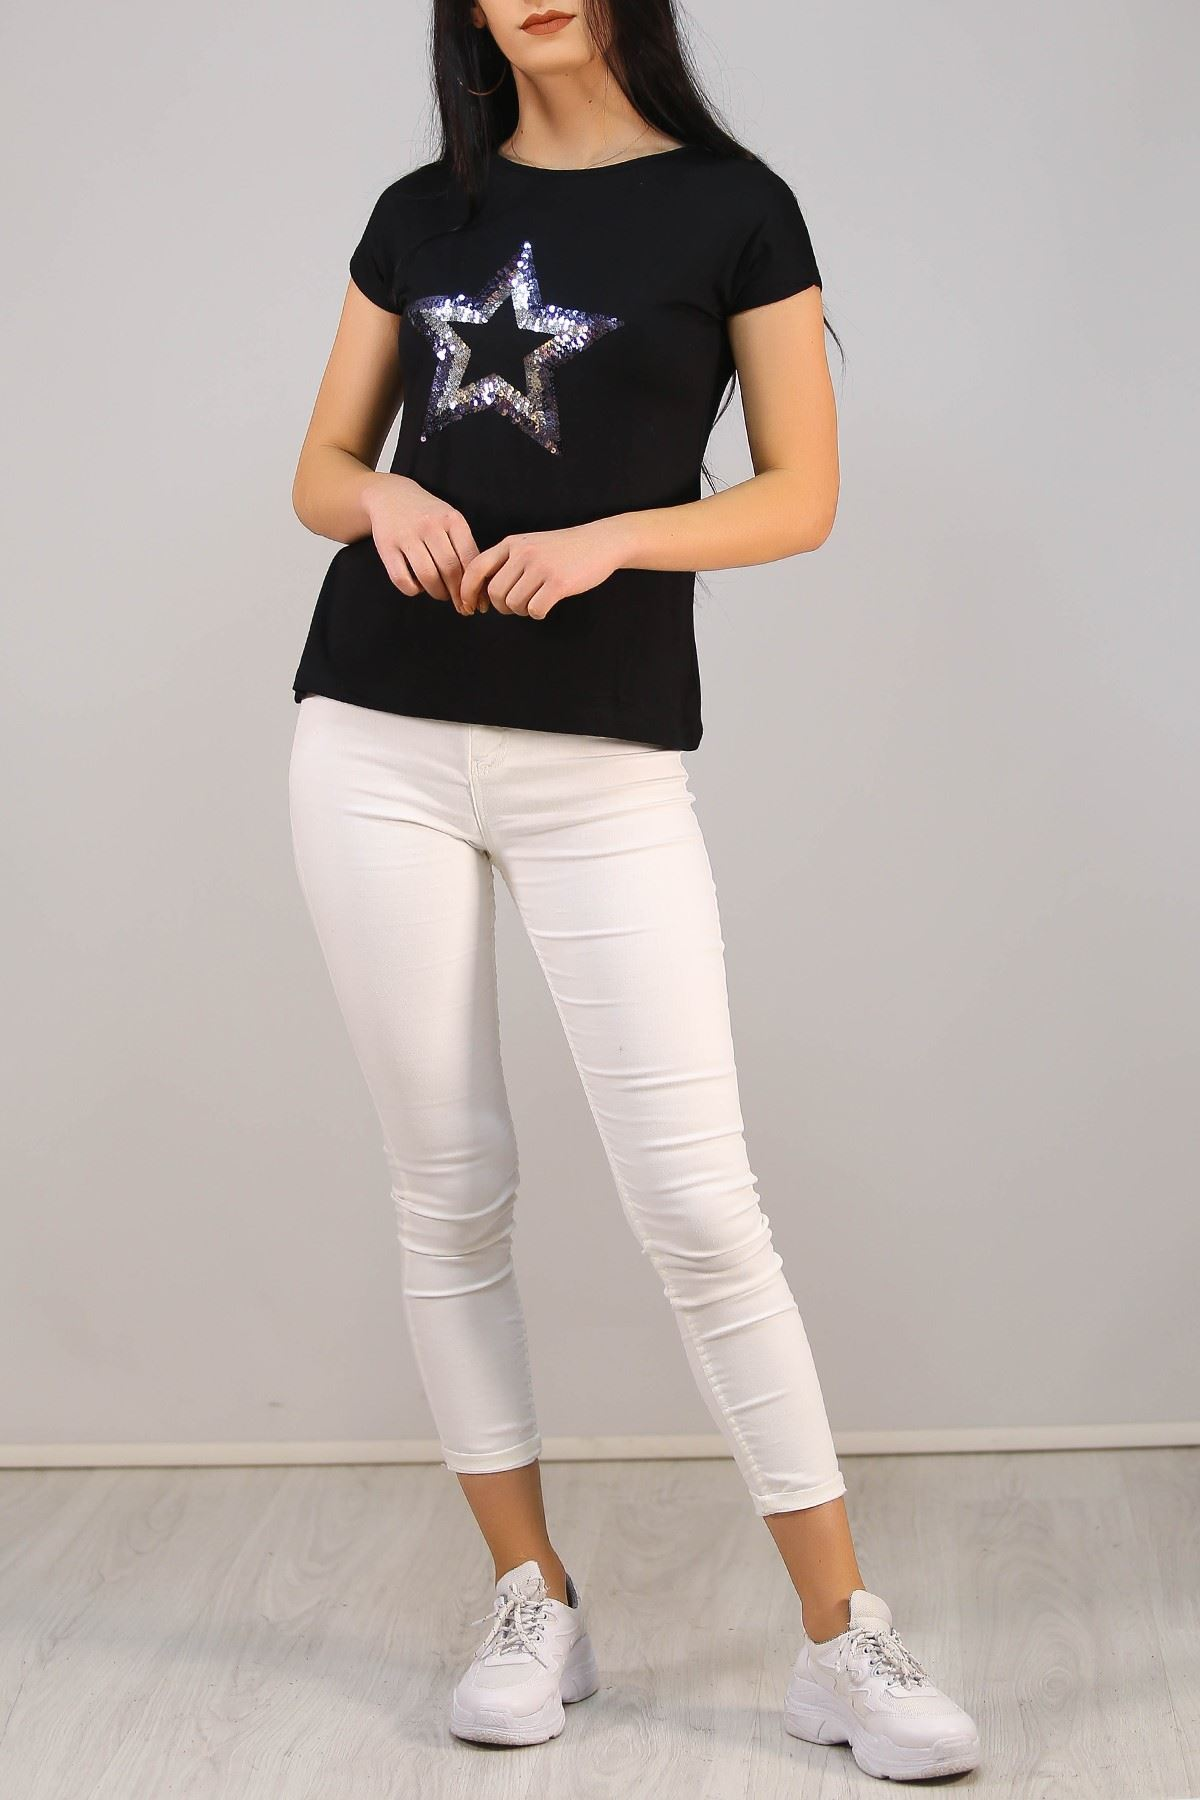 Pullu Yıldız Tişört Siyah - 5031.139.